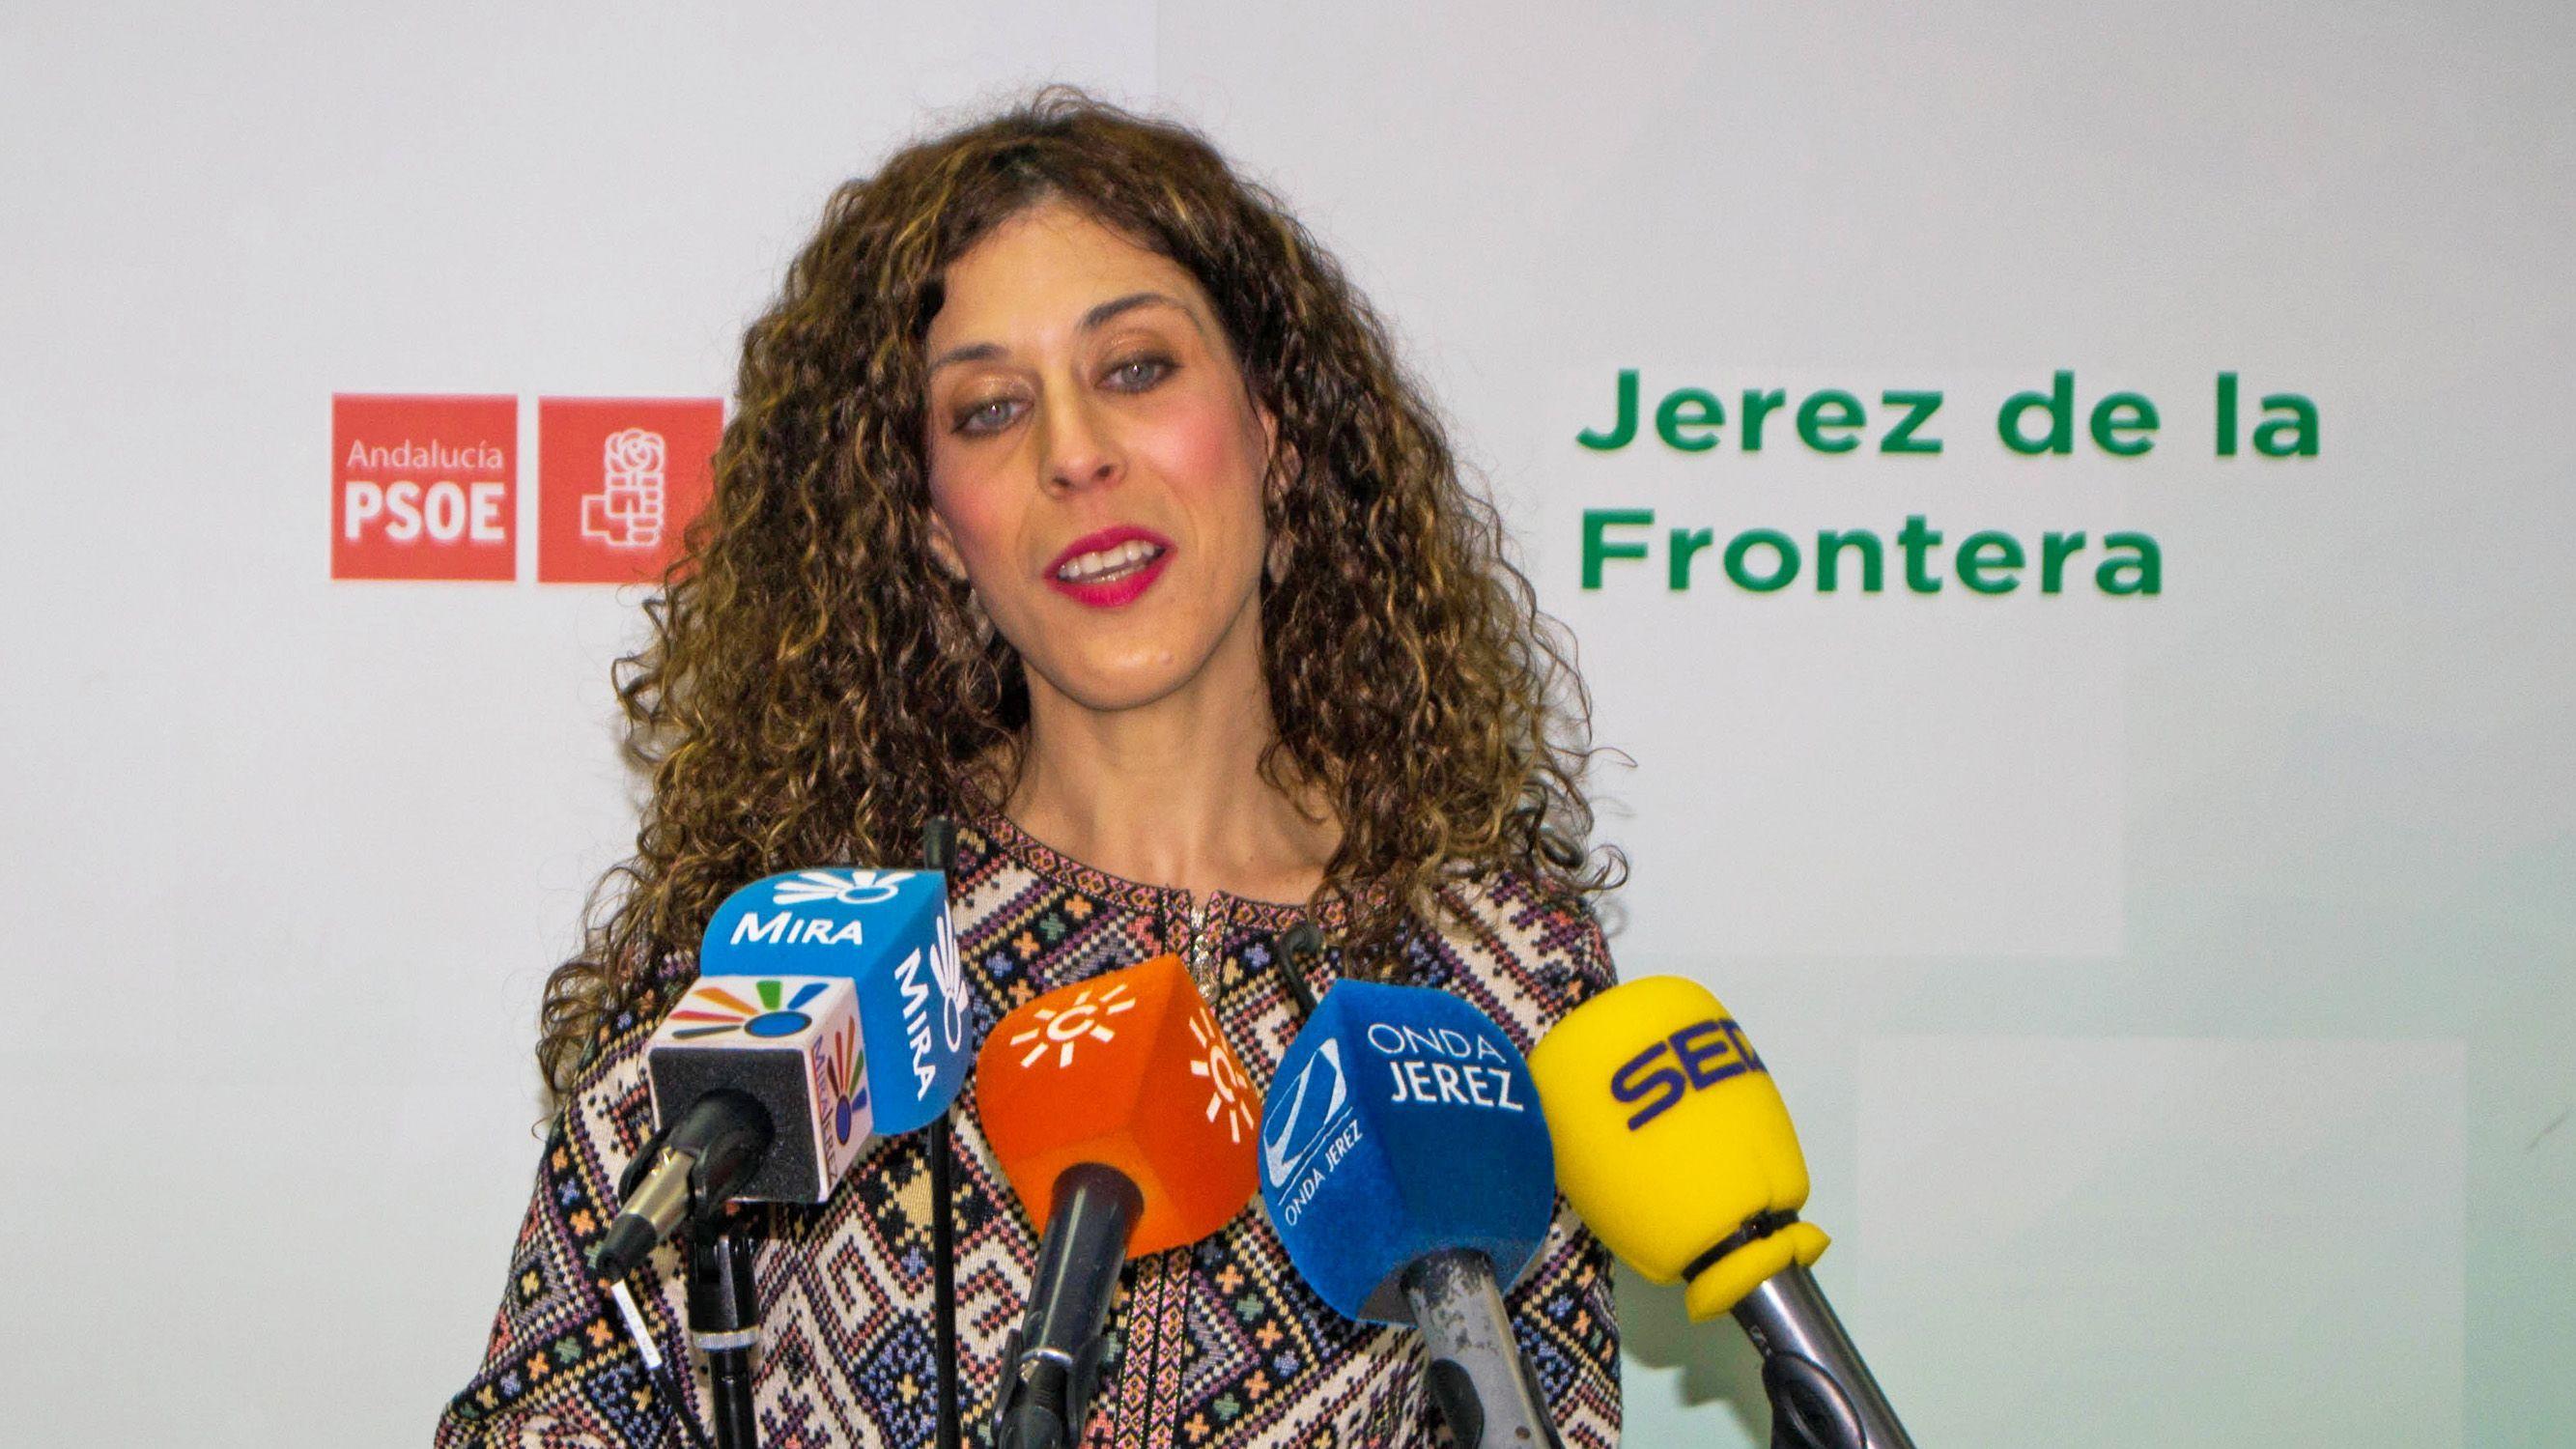 Miriam Alconchel en rueda de prensa en la sede del PSOE de Jerez | Pablo Illanas para MIRA Jerez